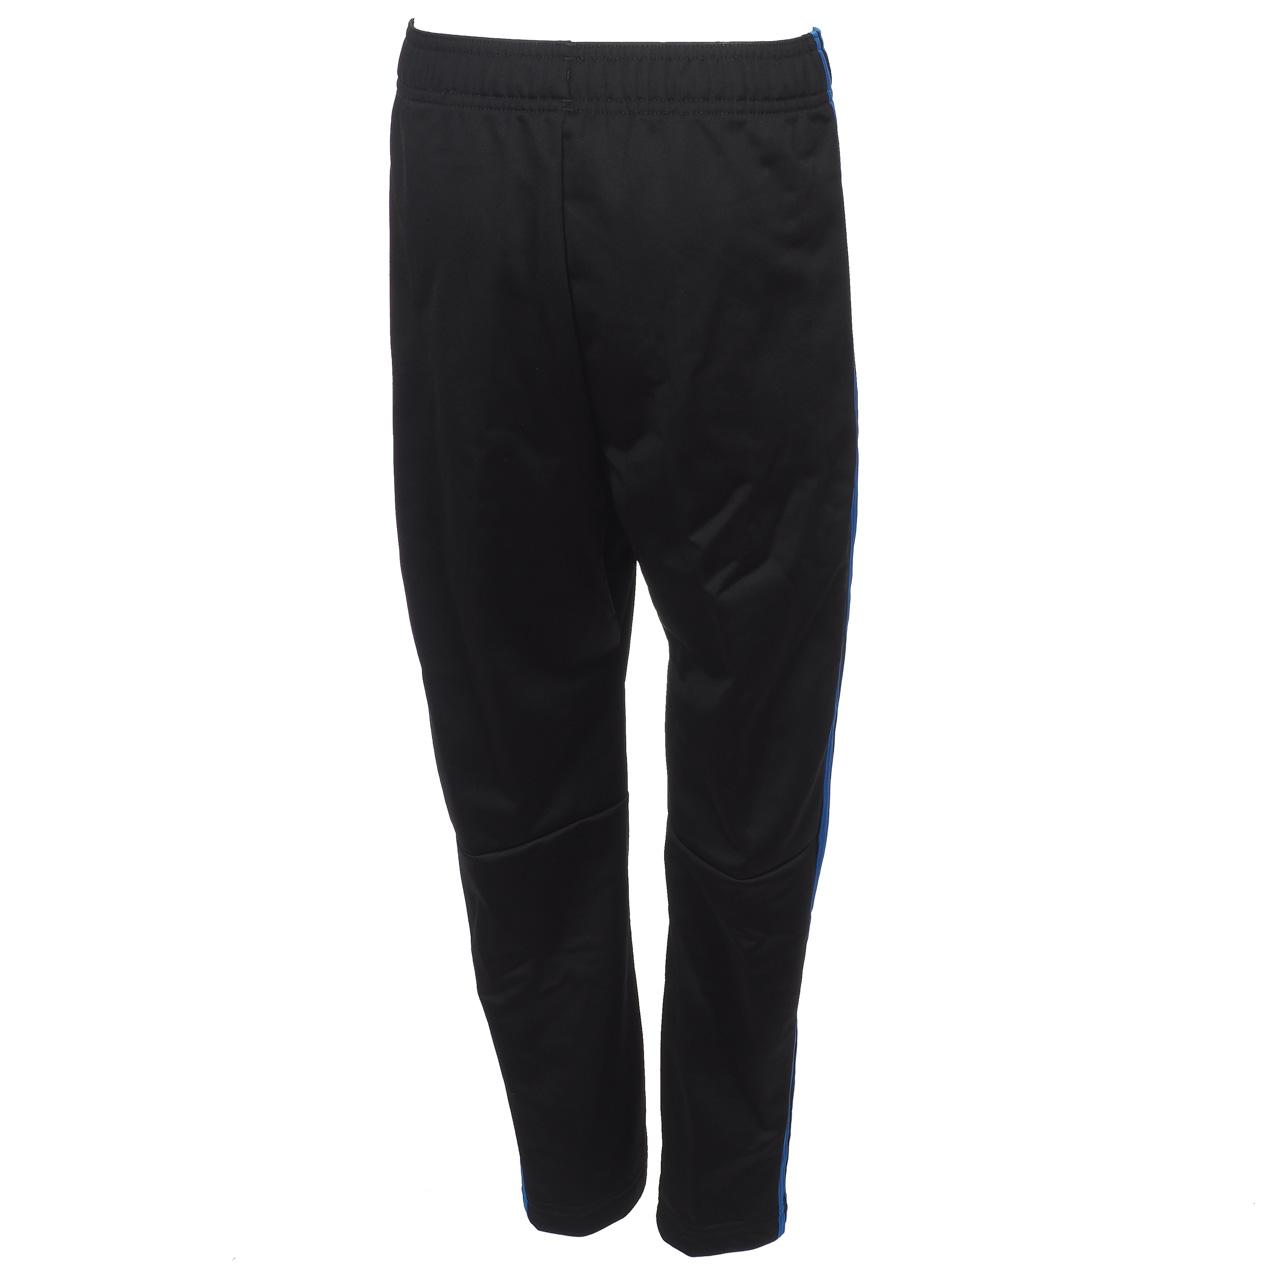 Trousers-Player-Adidas-Yb-Ftb-Str-3s-nr-Roy-Jr-Black-46615-New thumbnail 5